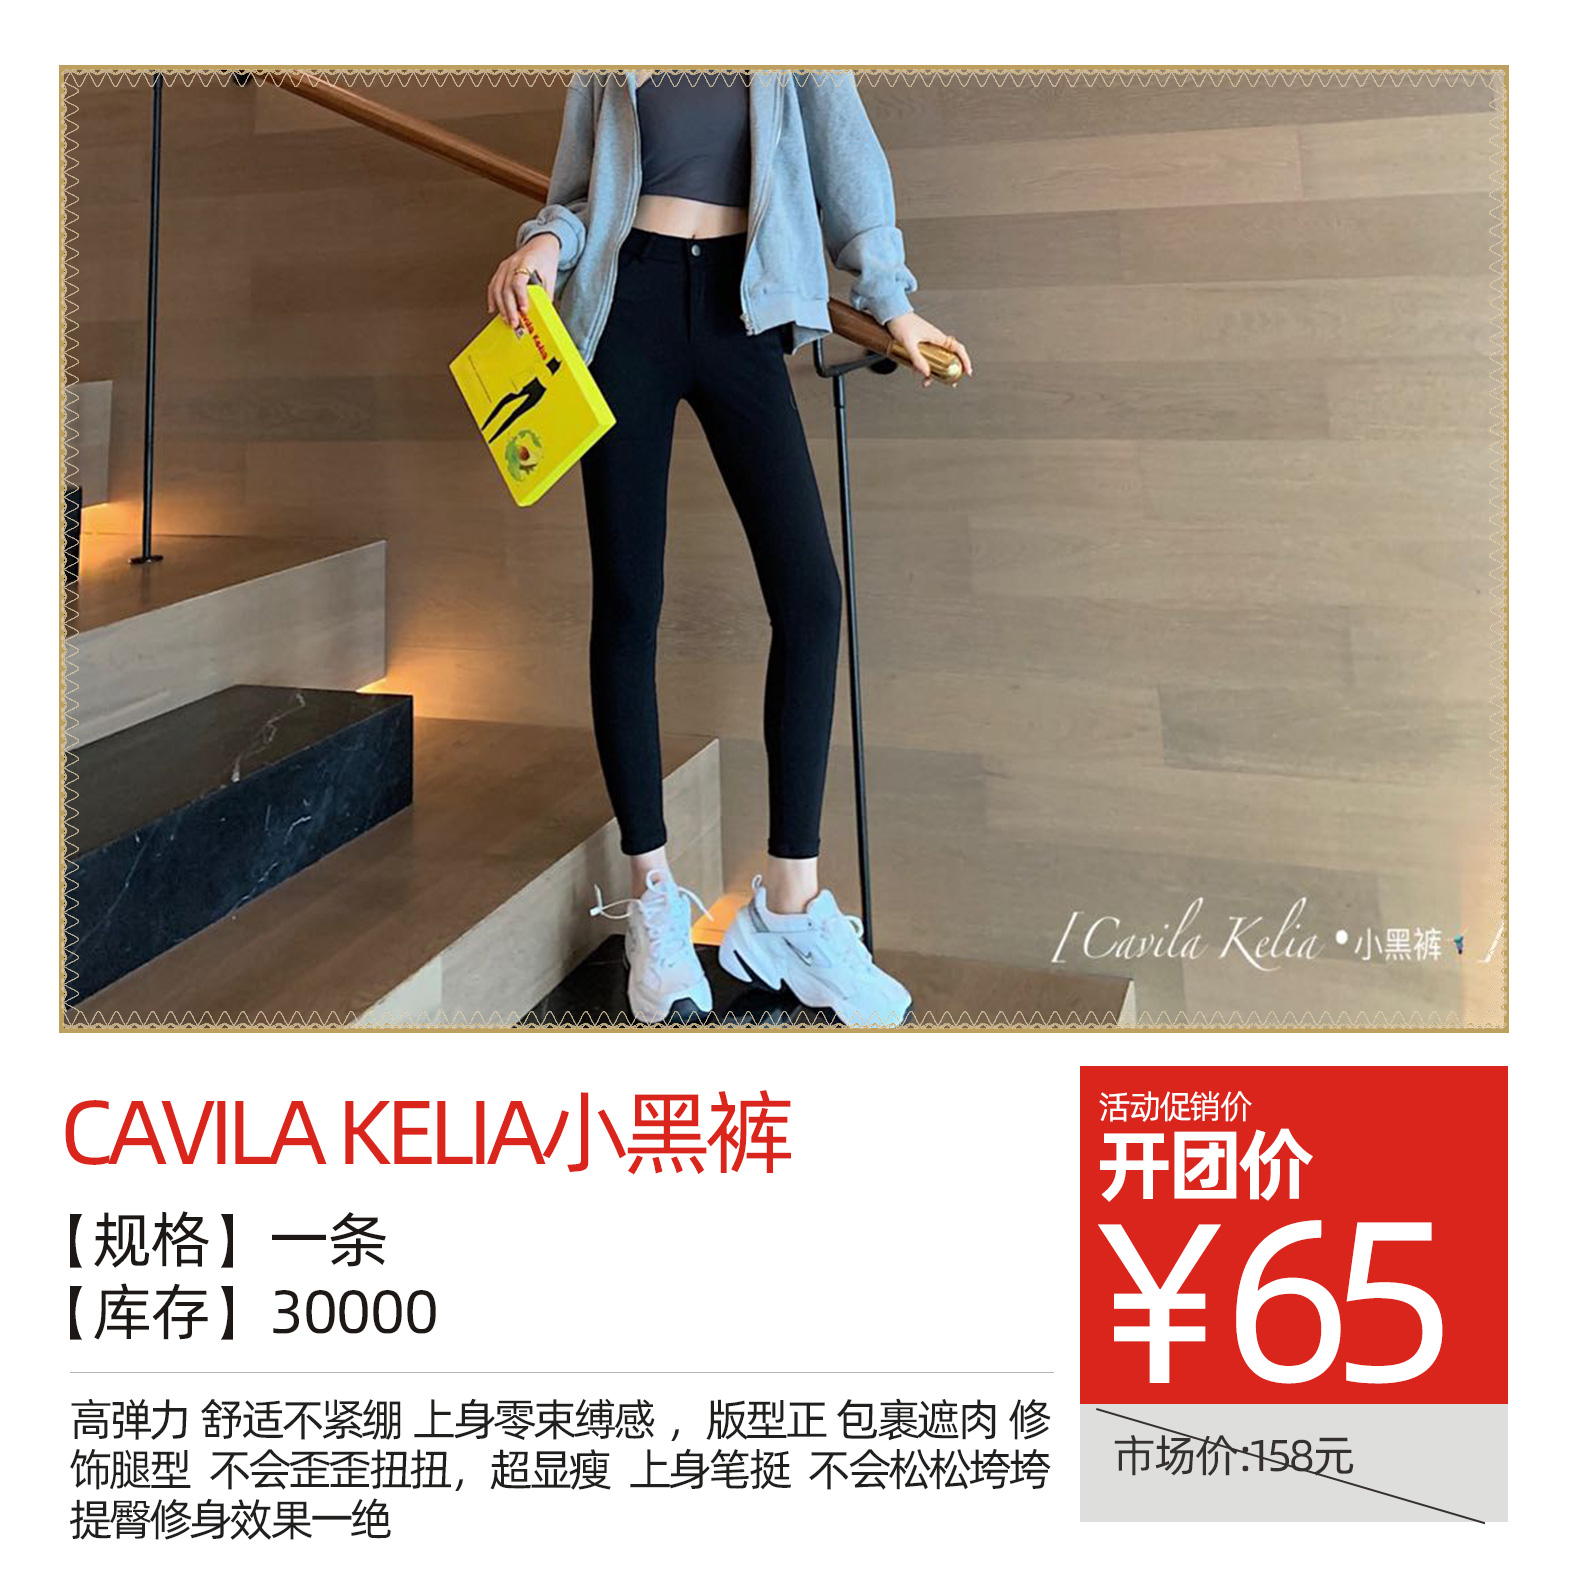 Cavila Kelia小黑裤